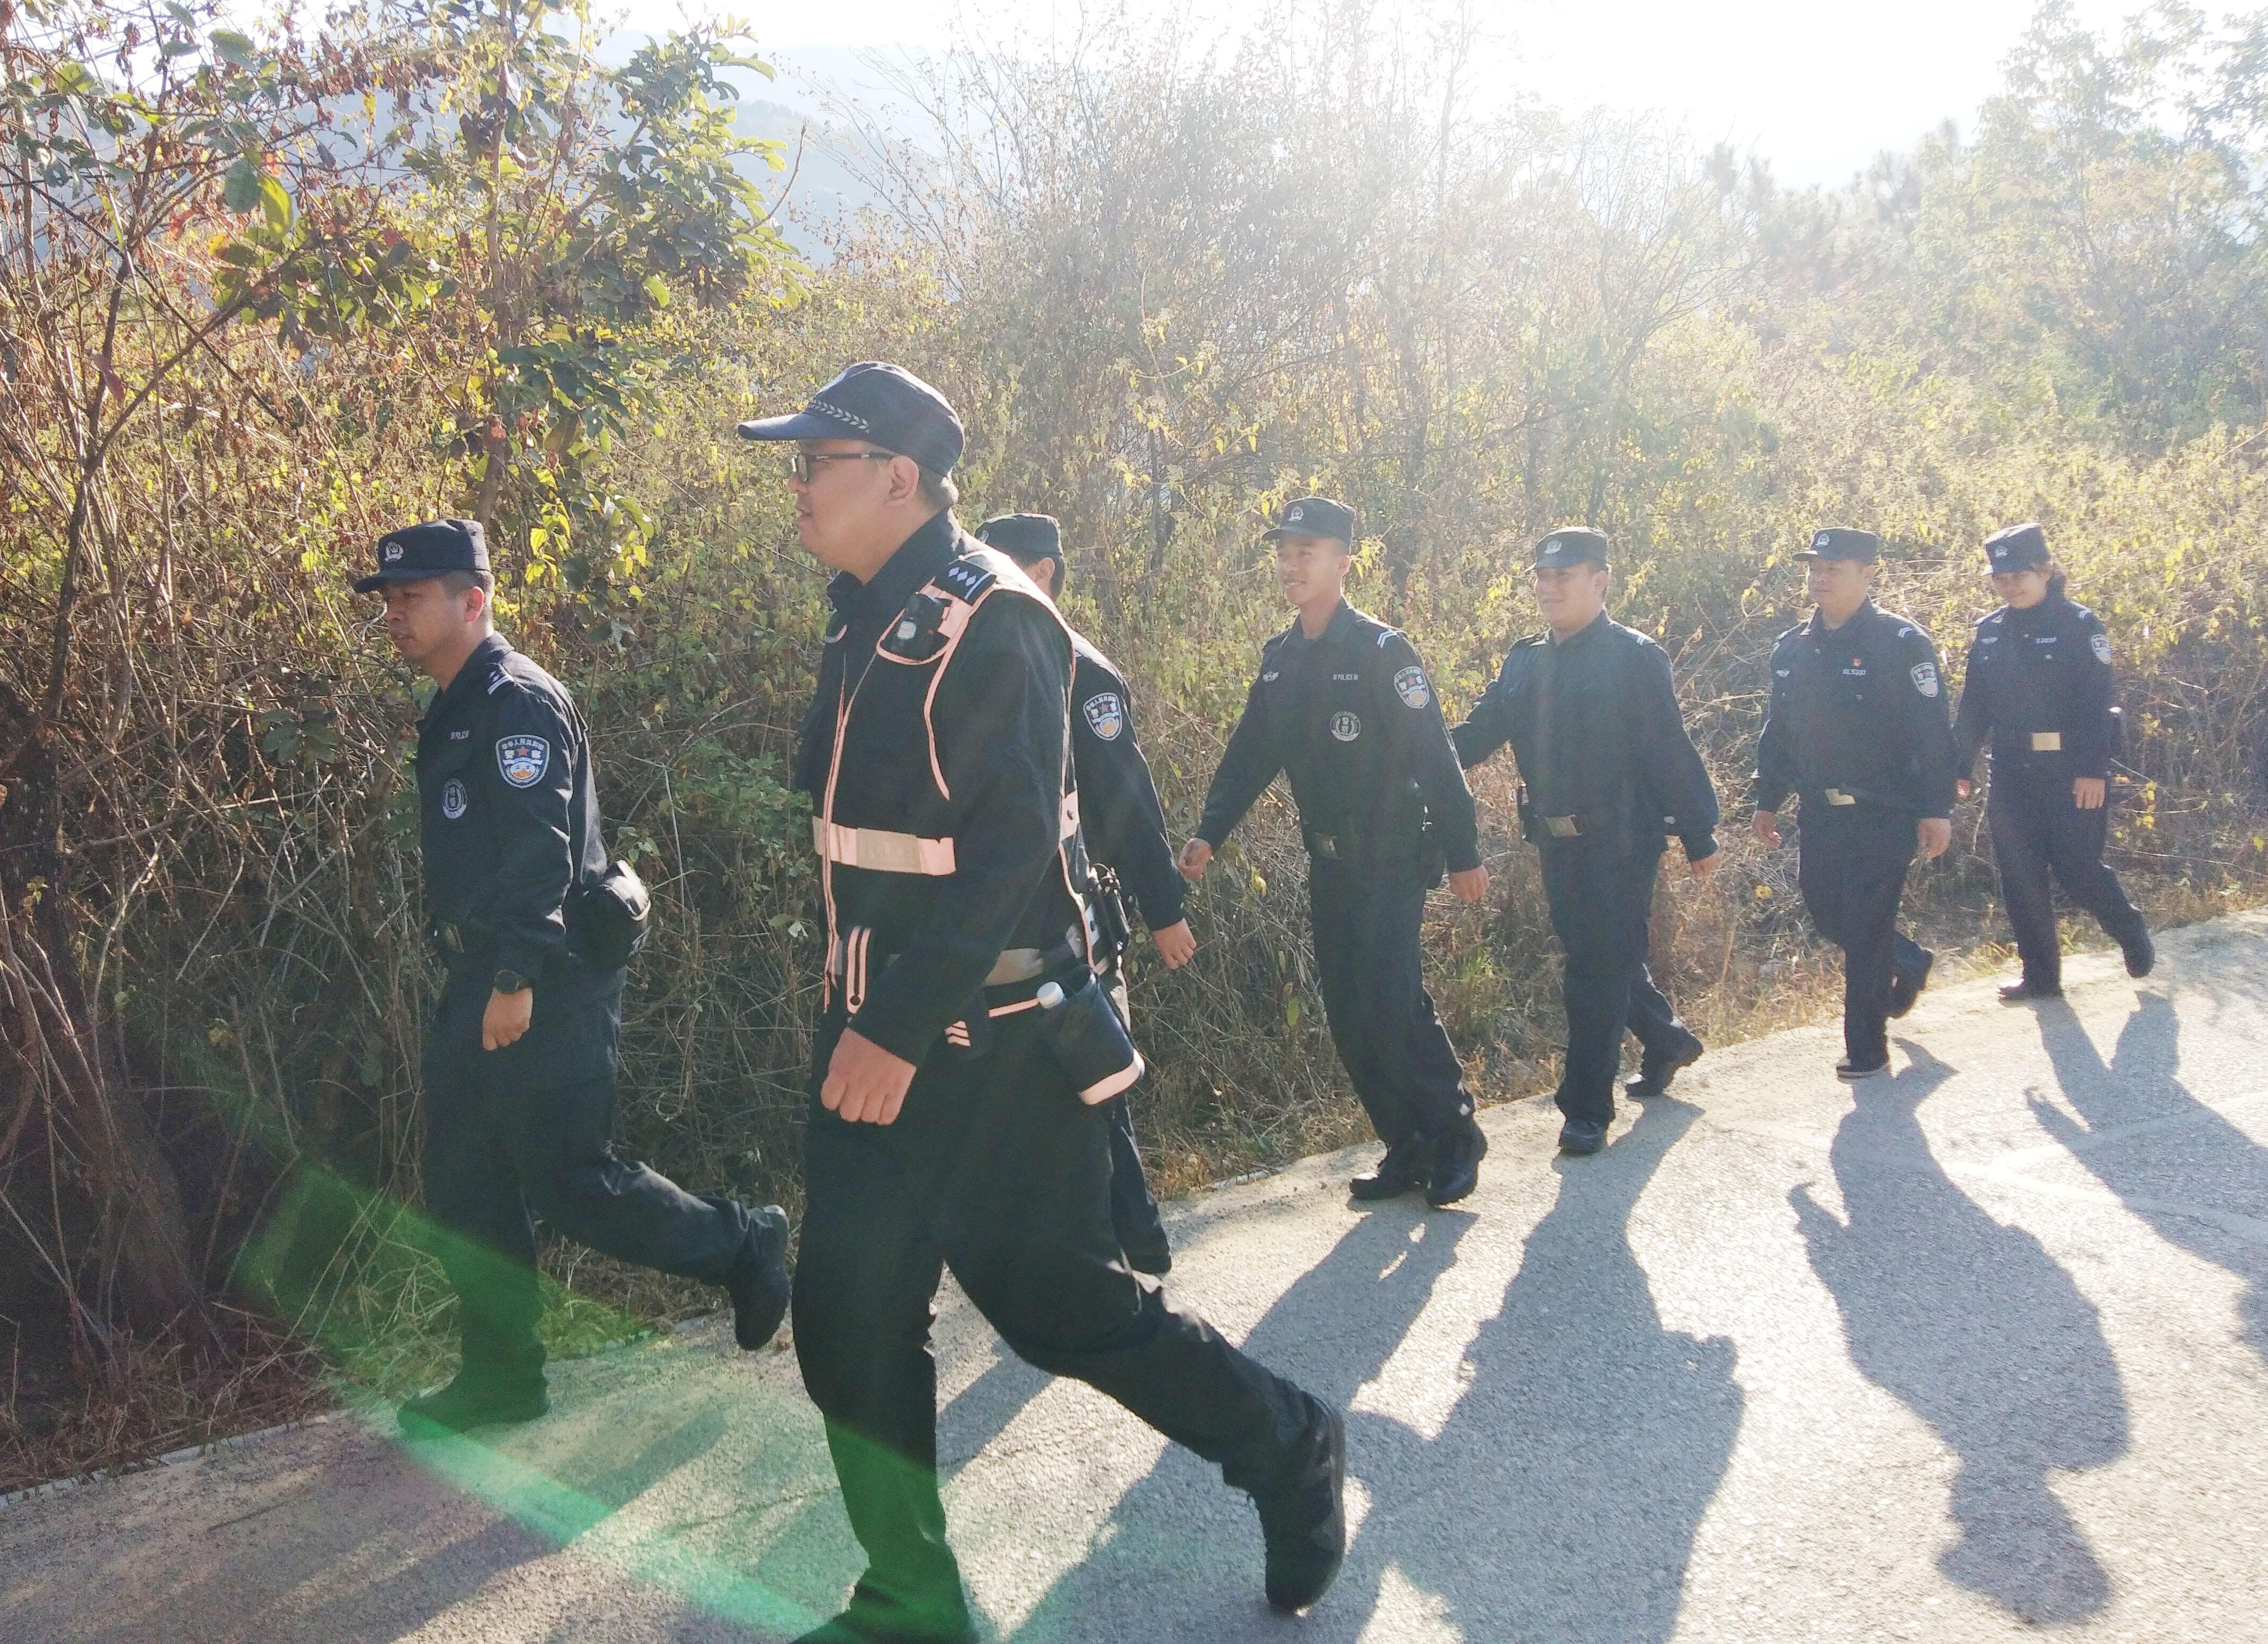 春节我在岗 | 泸水森林警察全力确保春节期间林区社会治安和谐稳定